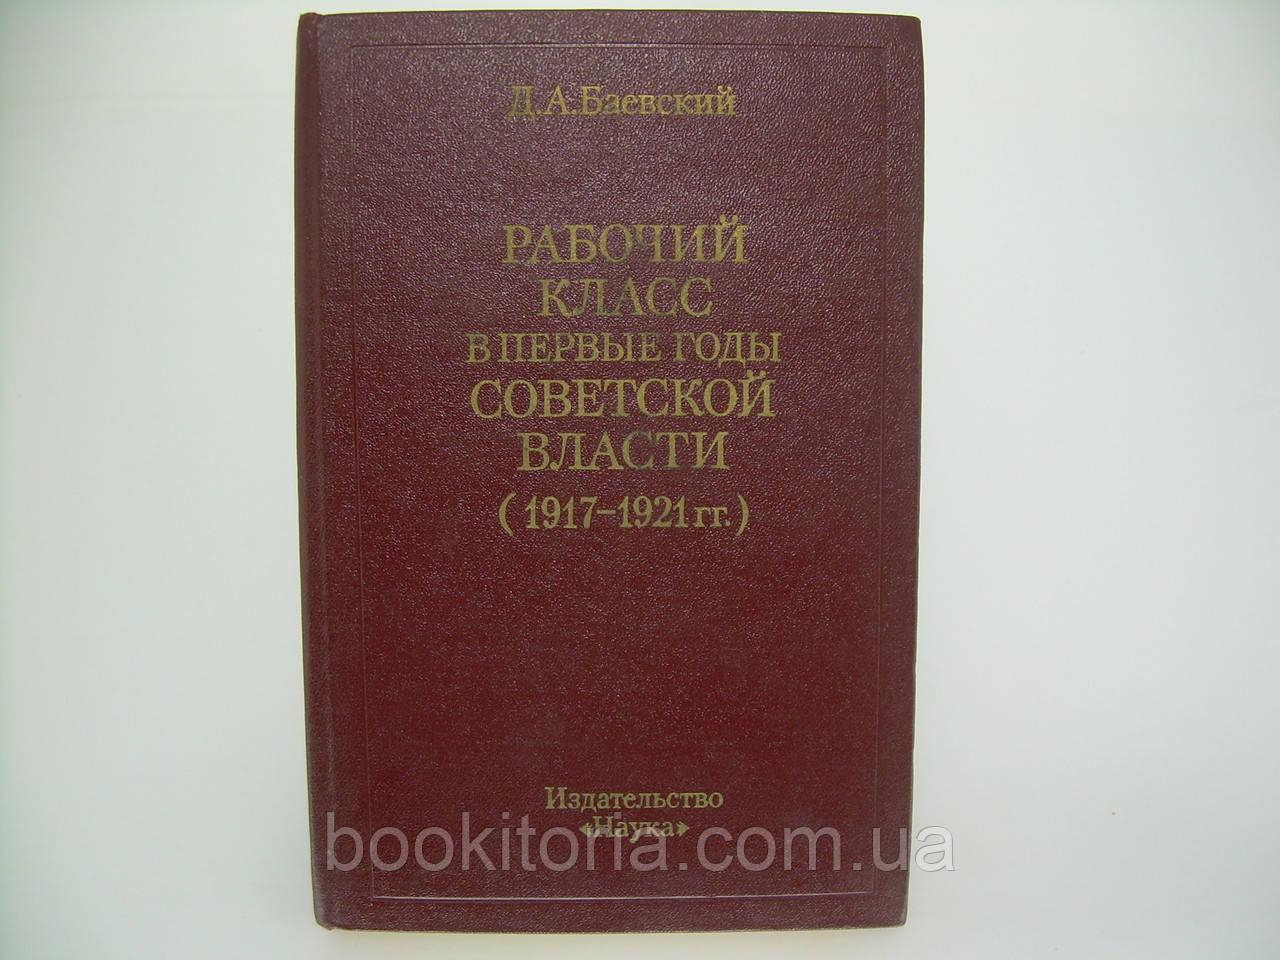 Баевский Д.А. Рабочий класс в первые годы Советской власти (1917-1921 гг.) (б/у).